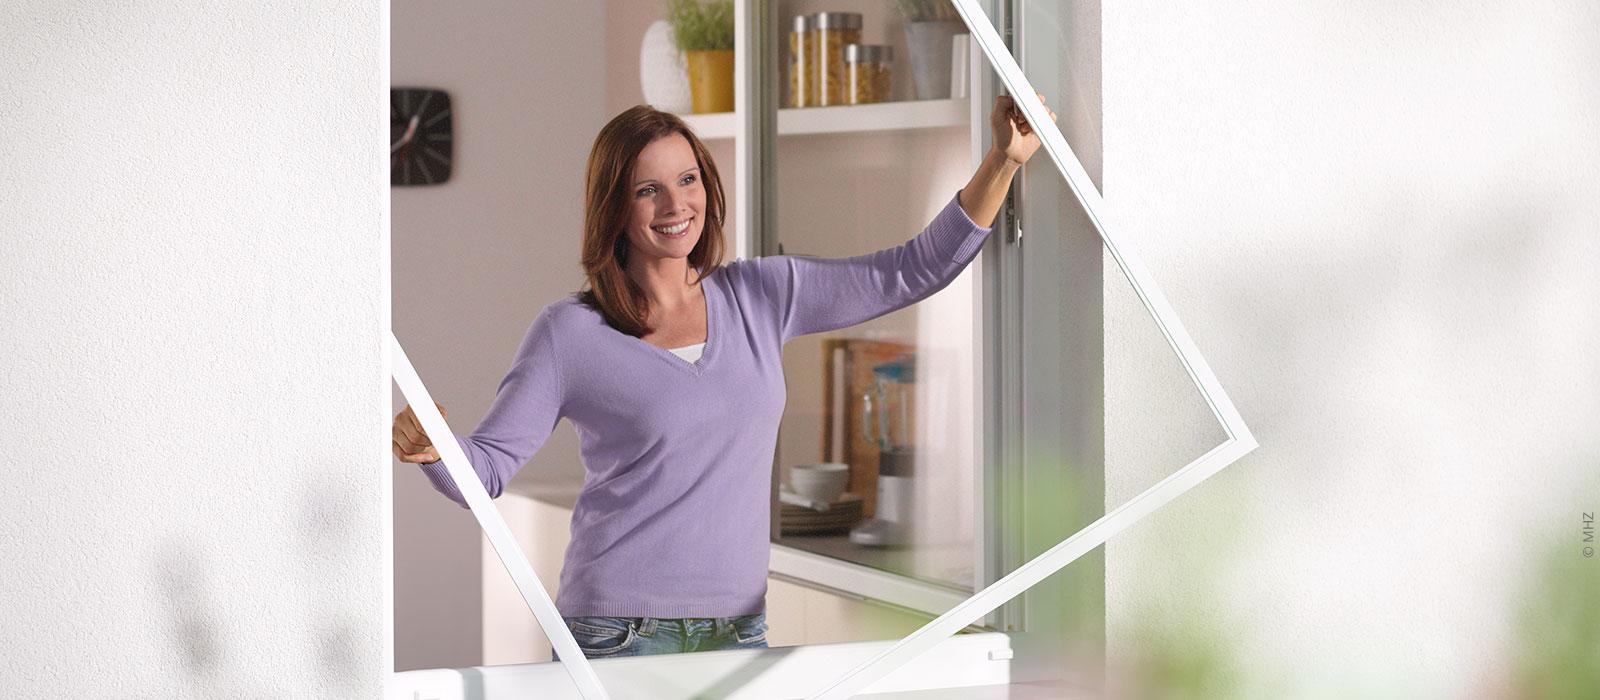 Einsatz eines Insektenschutz-Spannrahmen in ein Fenster